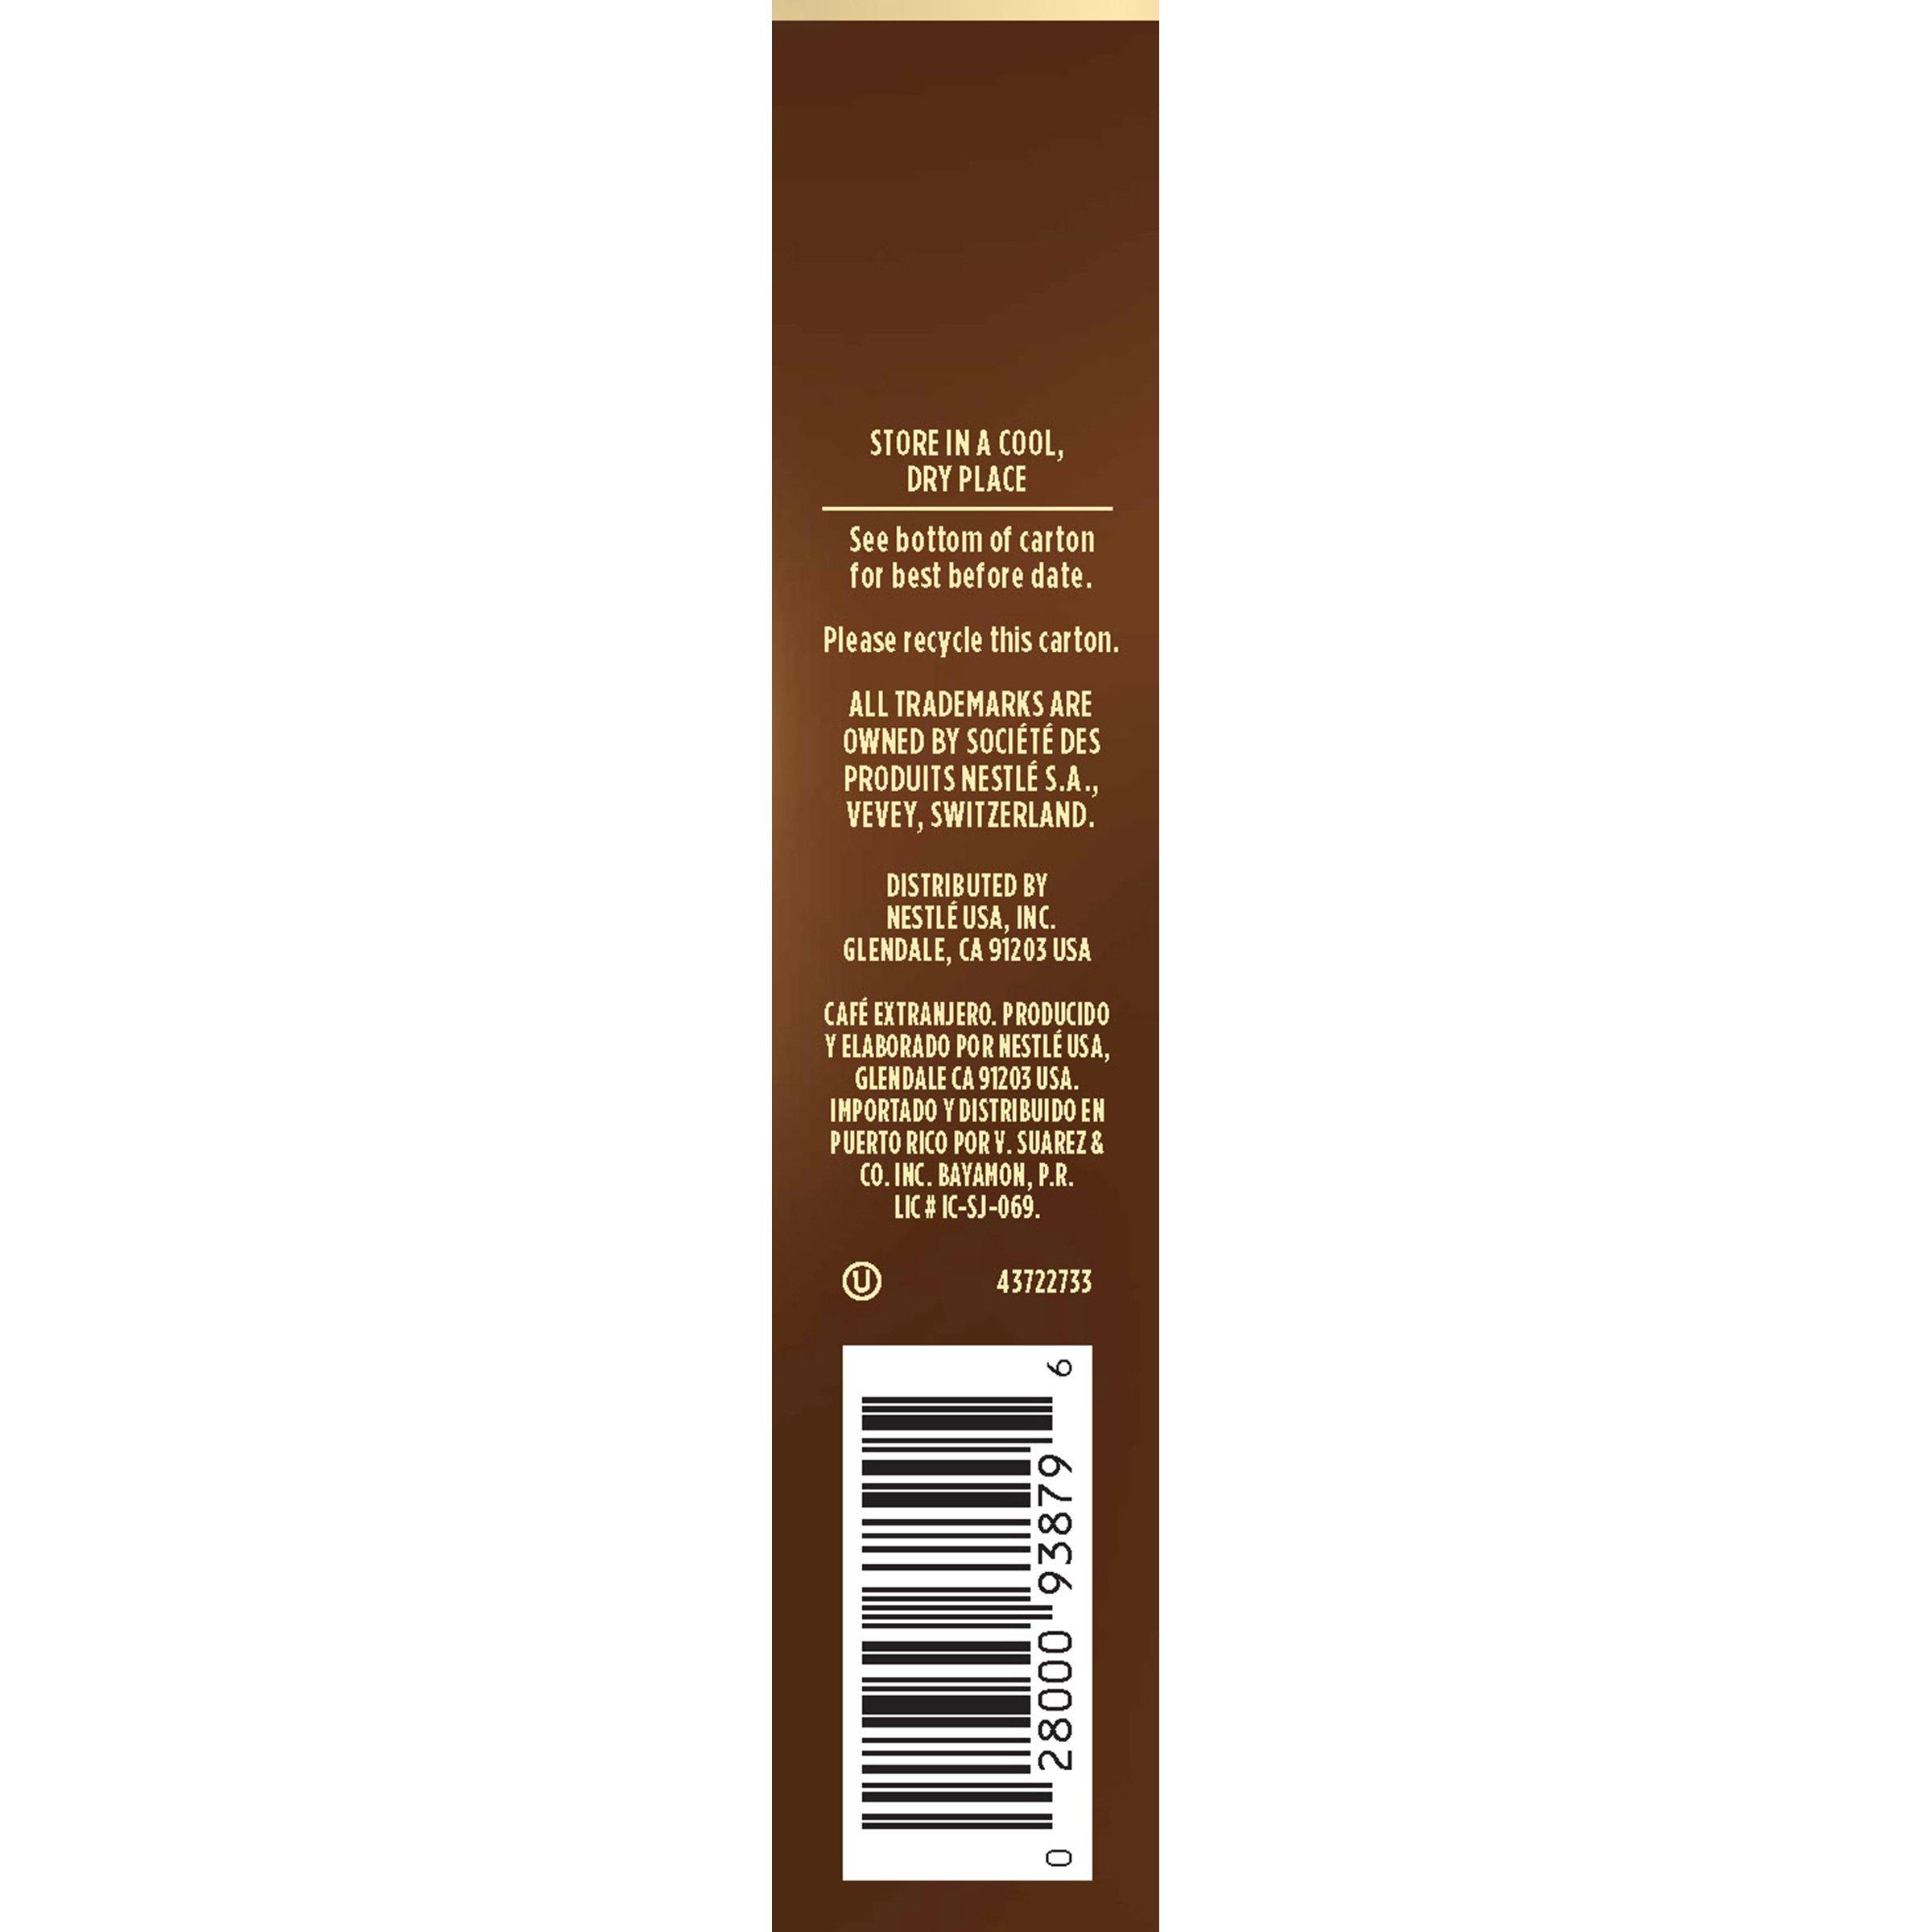 Nescafe Taster's Choice French 5 Piece Roast Instant Coffee Single Serve Sticks, 0.52 oz